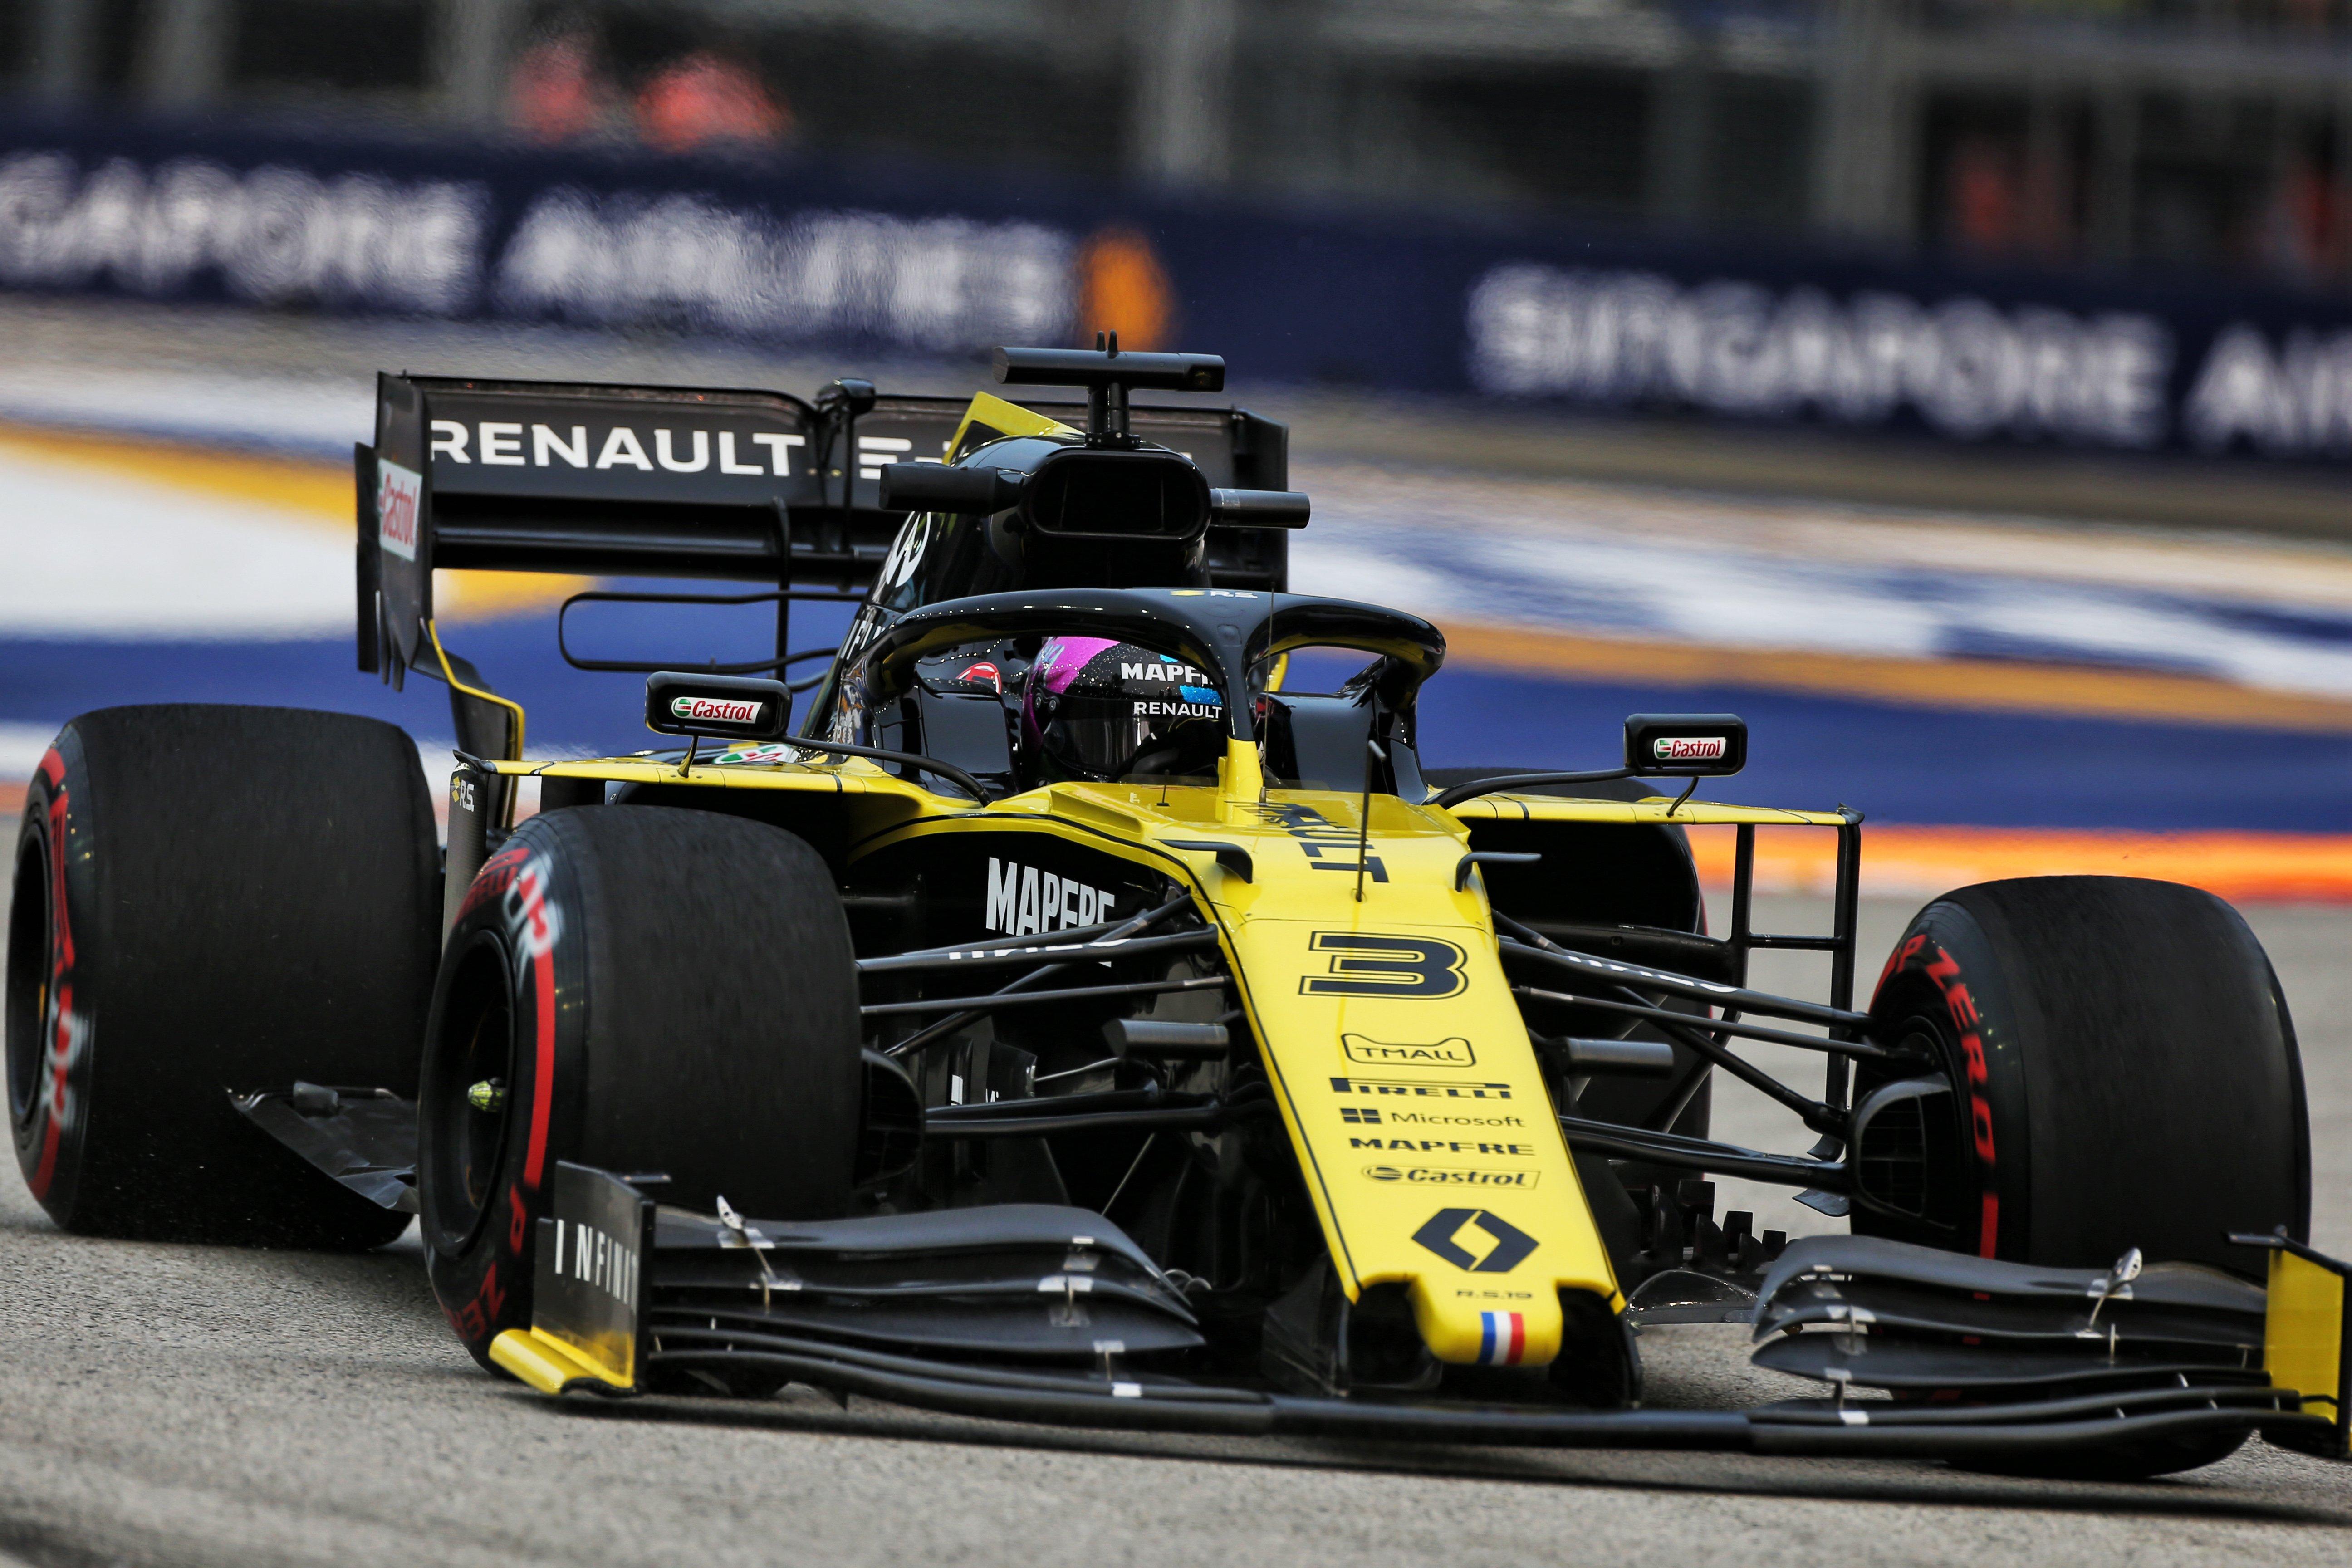 Un vendredi productif pour Renault F1 à Singapour 3